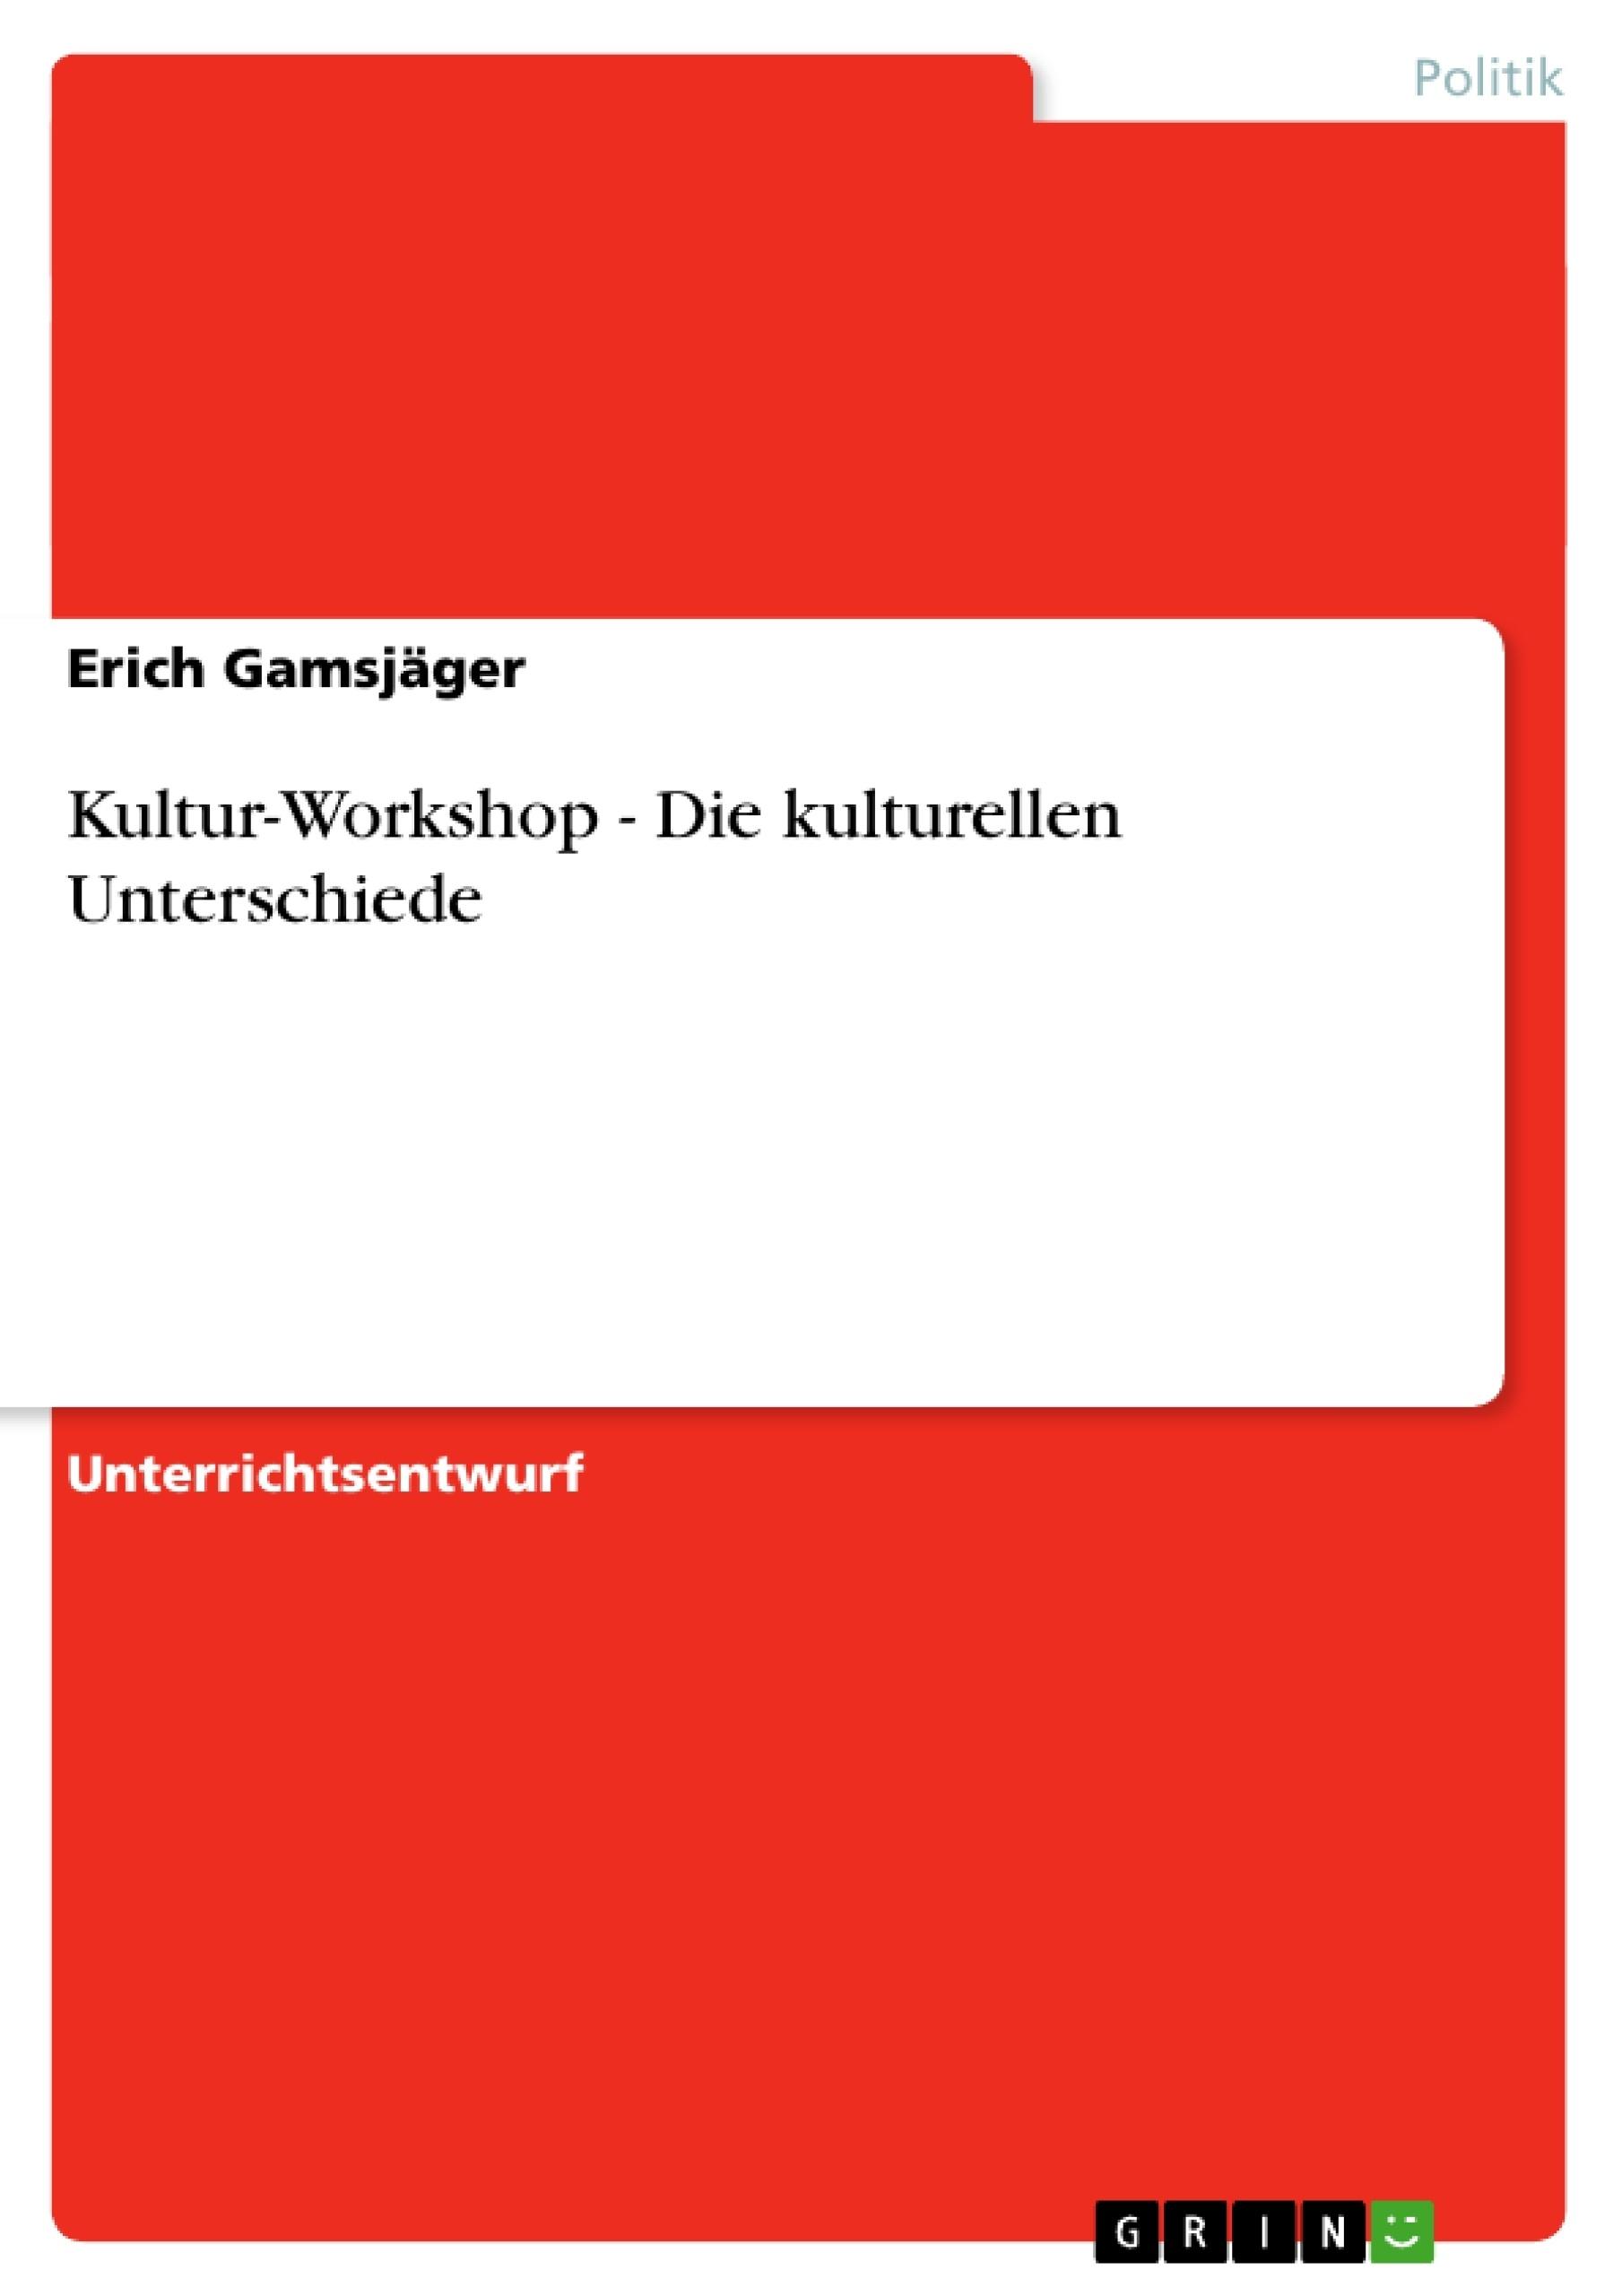 Kultur-Workshop - Die kulturellen Unterschiede   Masterarbeit ...